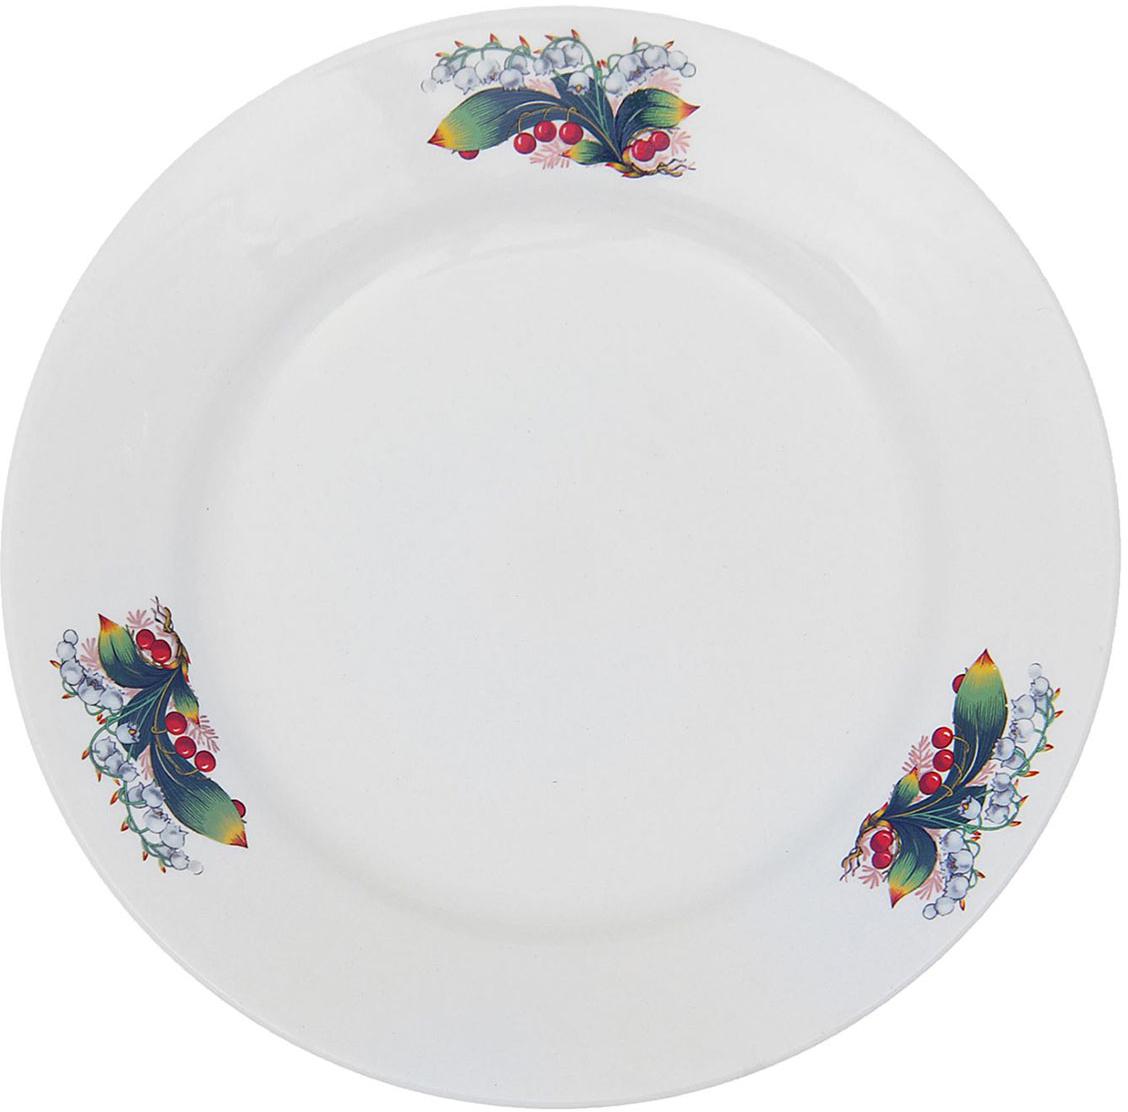 Тарелка мелкая Керамика ручной работы Ландыш, диаметр 17,5 см1821301Данная тарелка понравится любителям вкусной и полезной домашней пищи. Такая посуда практична и красива, в ней можно хранить и подавать разнообразные блюда. При многократном использовании изделие сохранит свой вид и выдержит мытье в посудомоечной машине. В керамической емкости горячая пища долго сохраняет свое тепло, остуженные блюда остаются прохладными. Изделие не выделяет вредных веществ при нагревании и длительном хранении за счет экологичности материала.